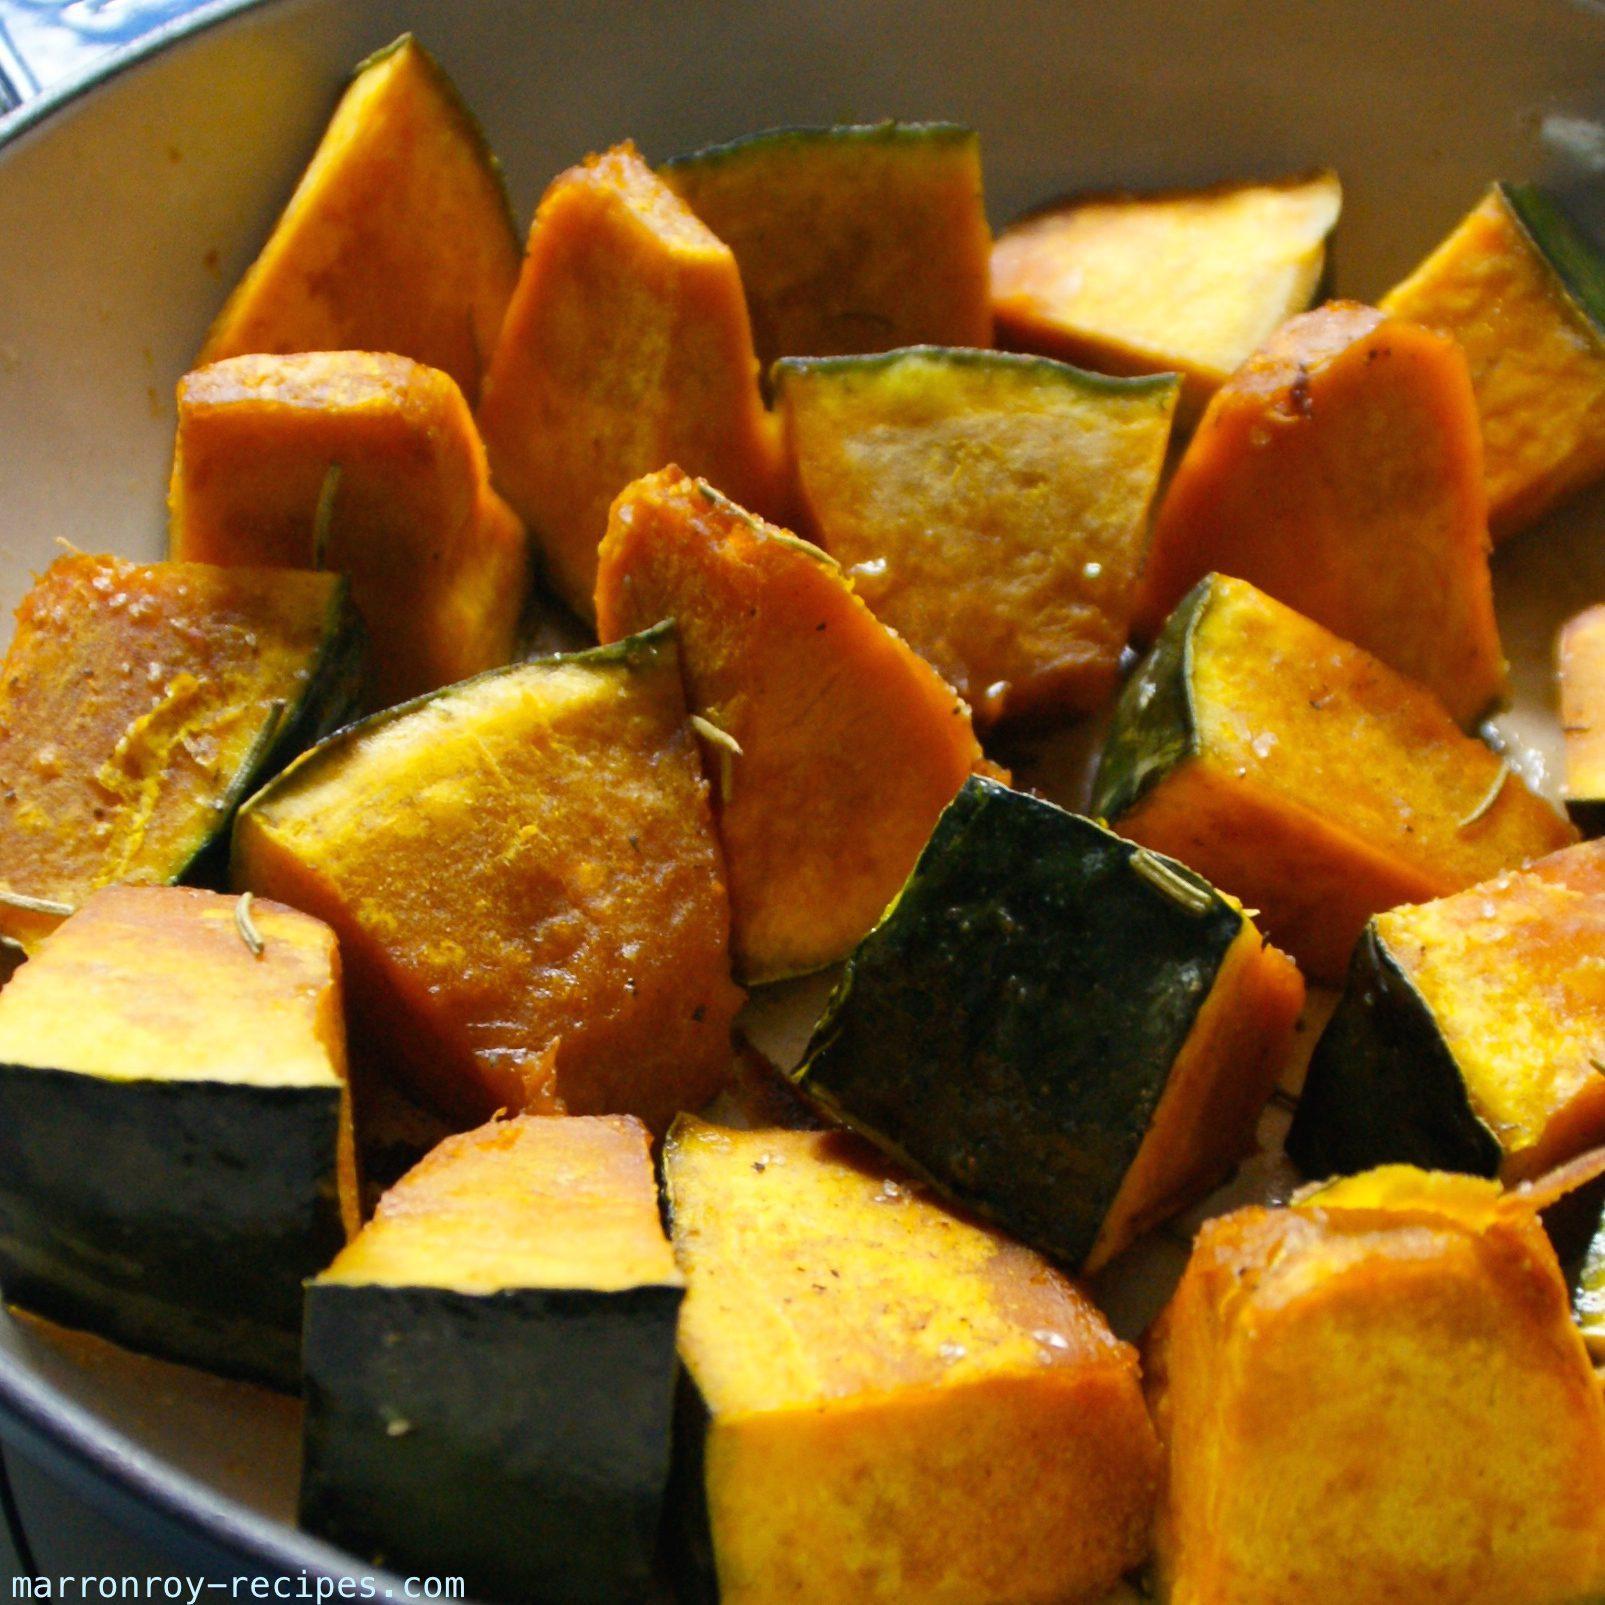 かぼちゃのローズマリー風味オーブン焼き